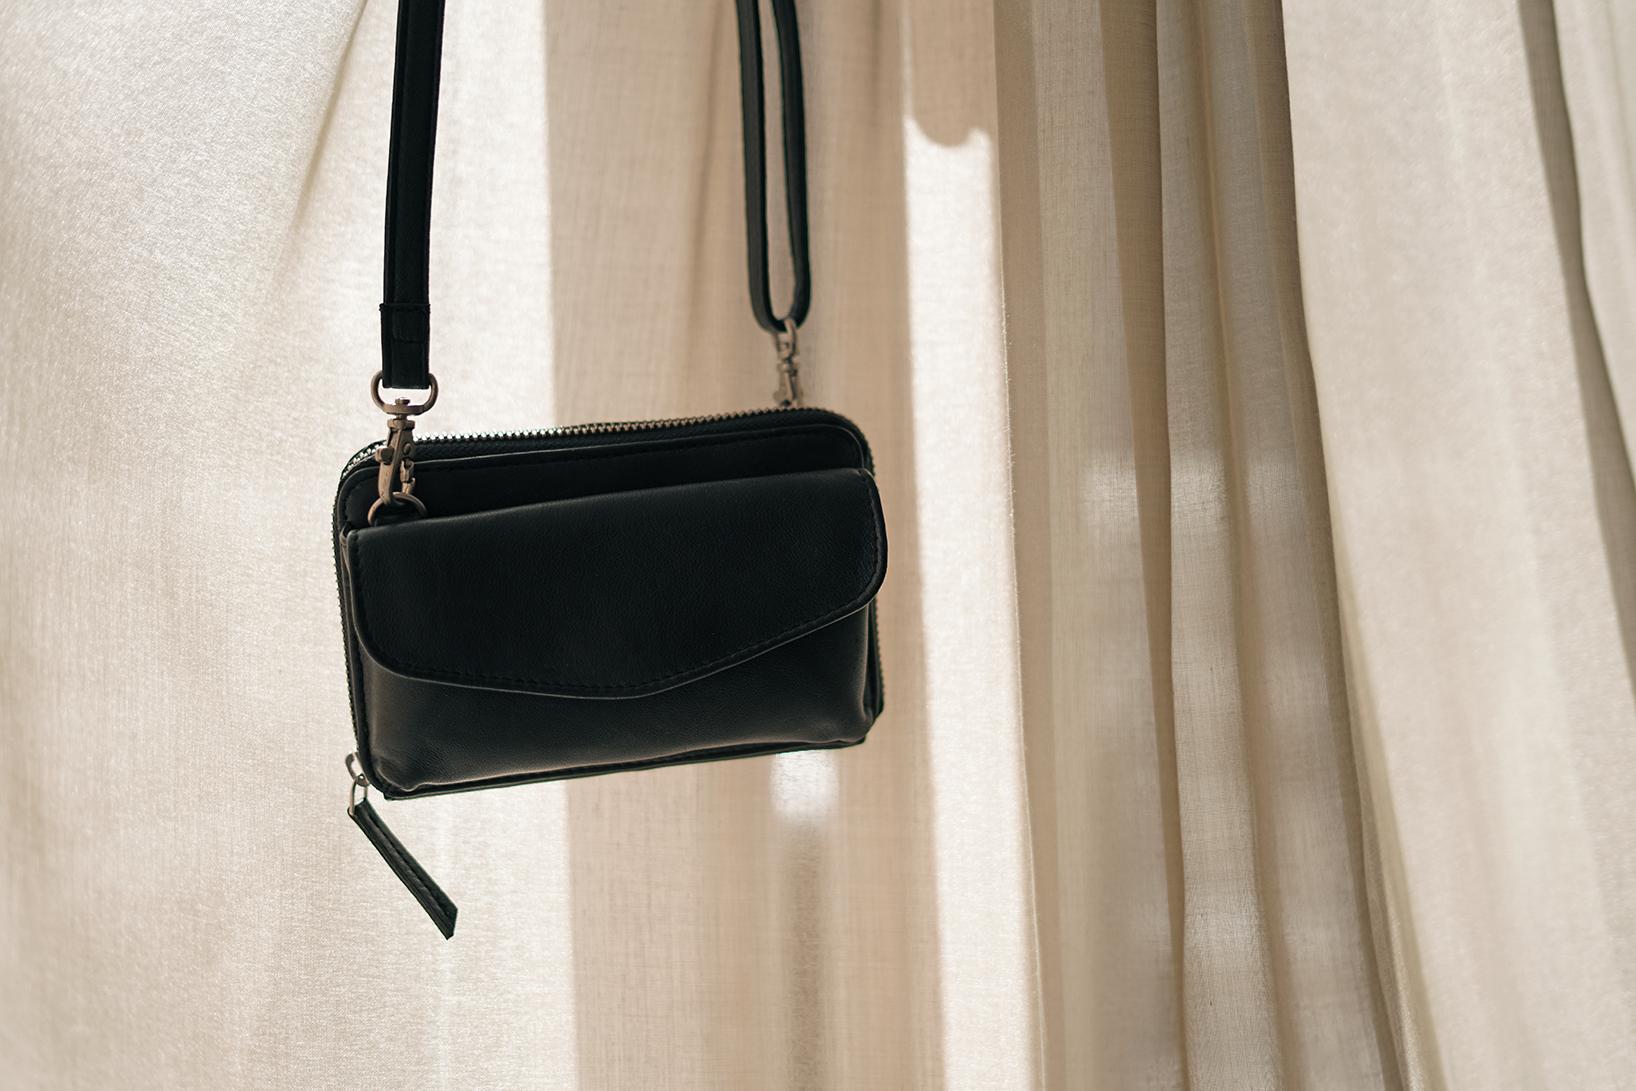 Lille mobilpung skuldertaske i sort læder til damer taske til iPhone